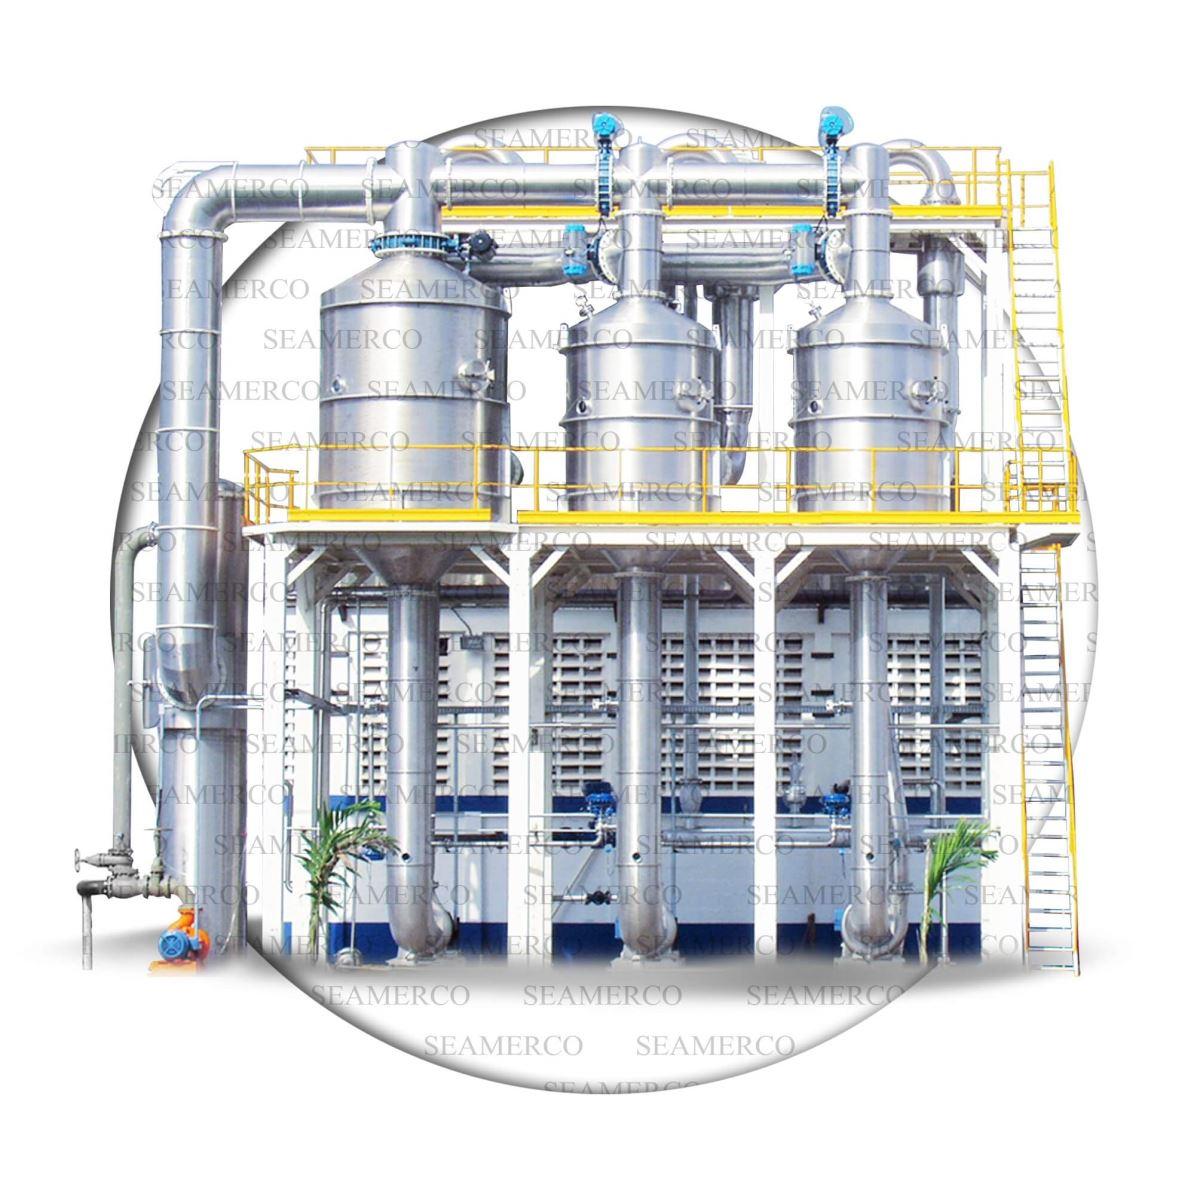 کانتینیوس چیست-کانتینیوس رب-دستگاه تغلیظ کننده مایعات